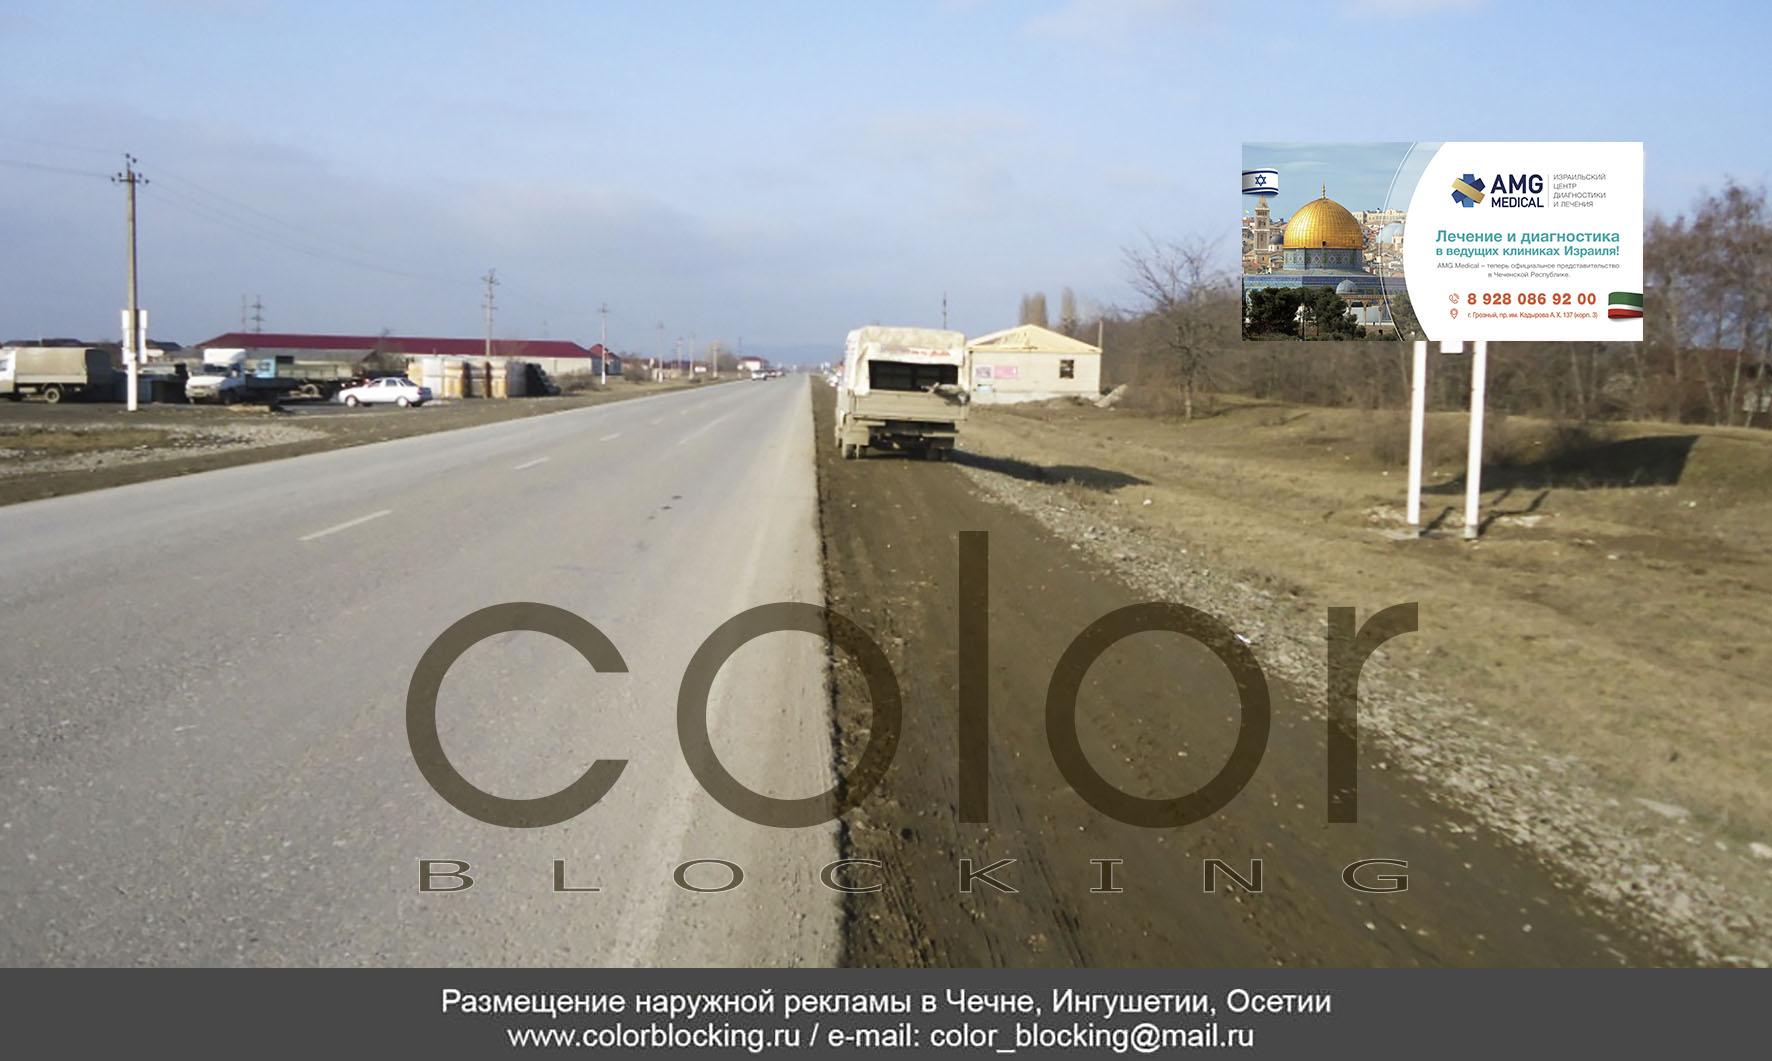 Наружная реклама в населенных пунктах Чечни 3х6